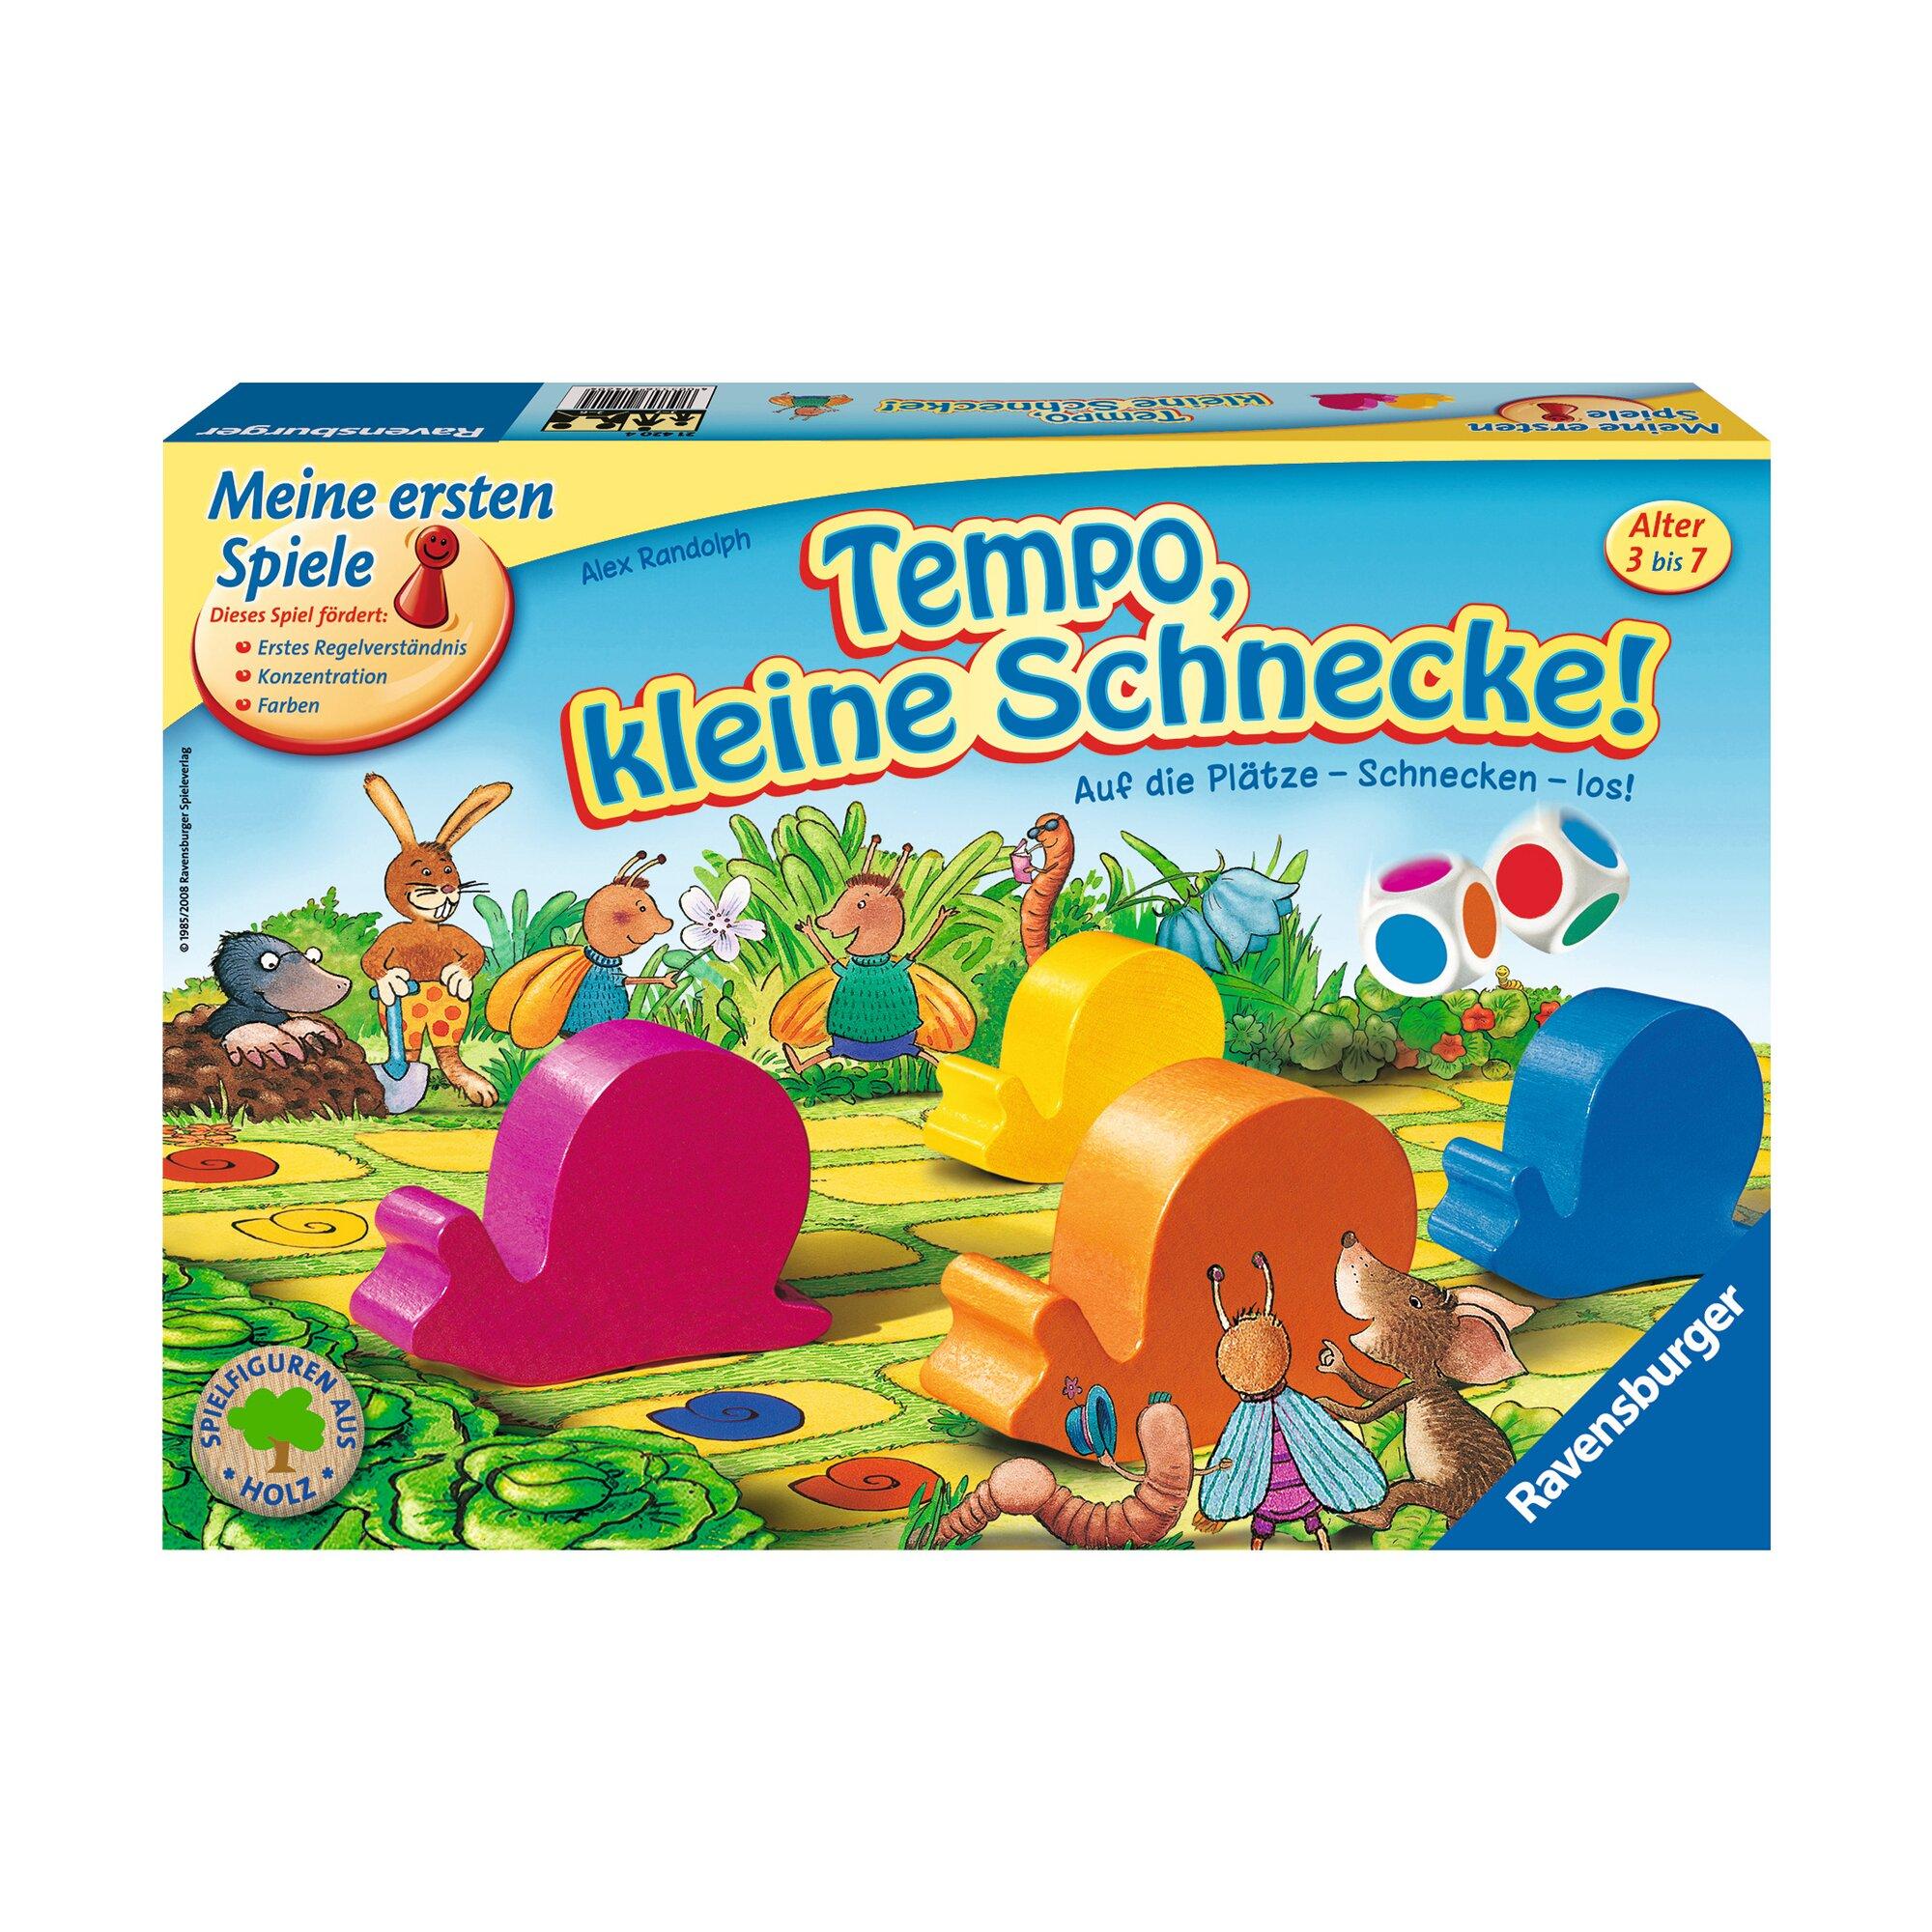 ravensburger-tempo-kleine-schnecke-farbwurfelspiel